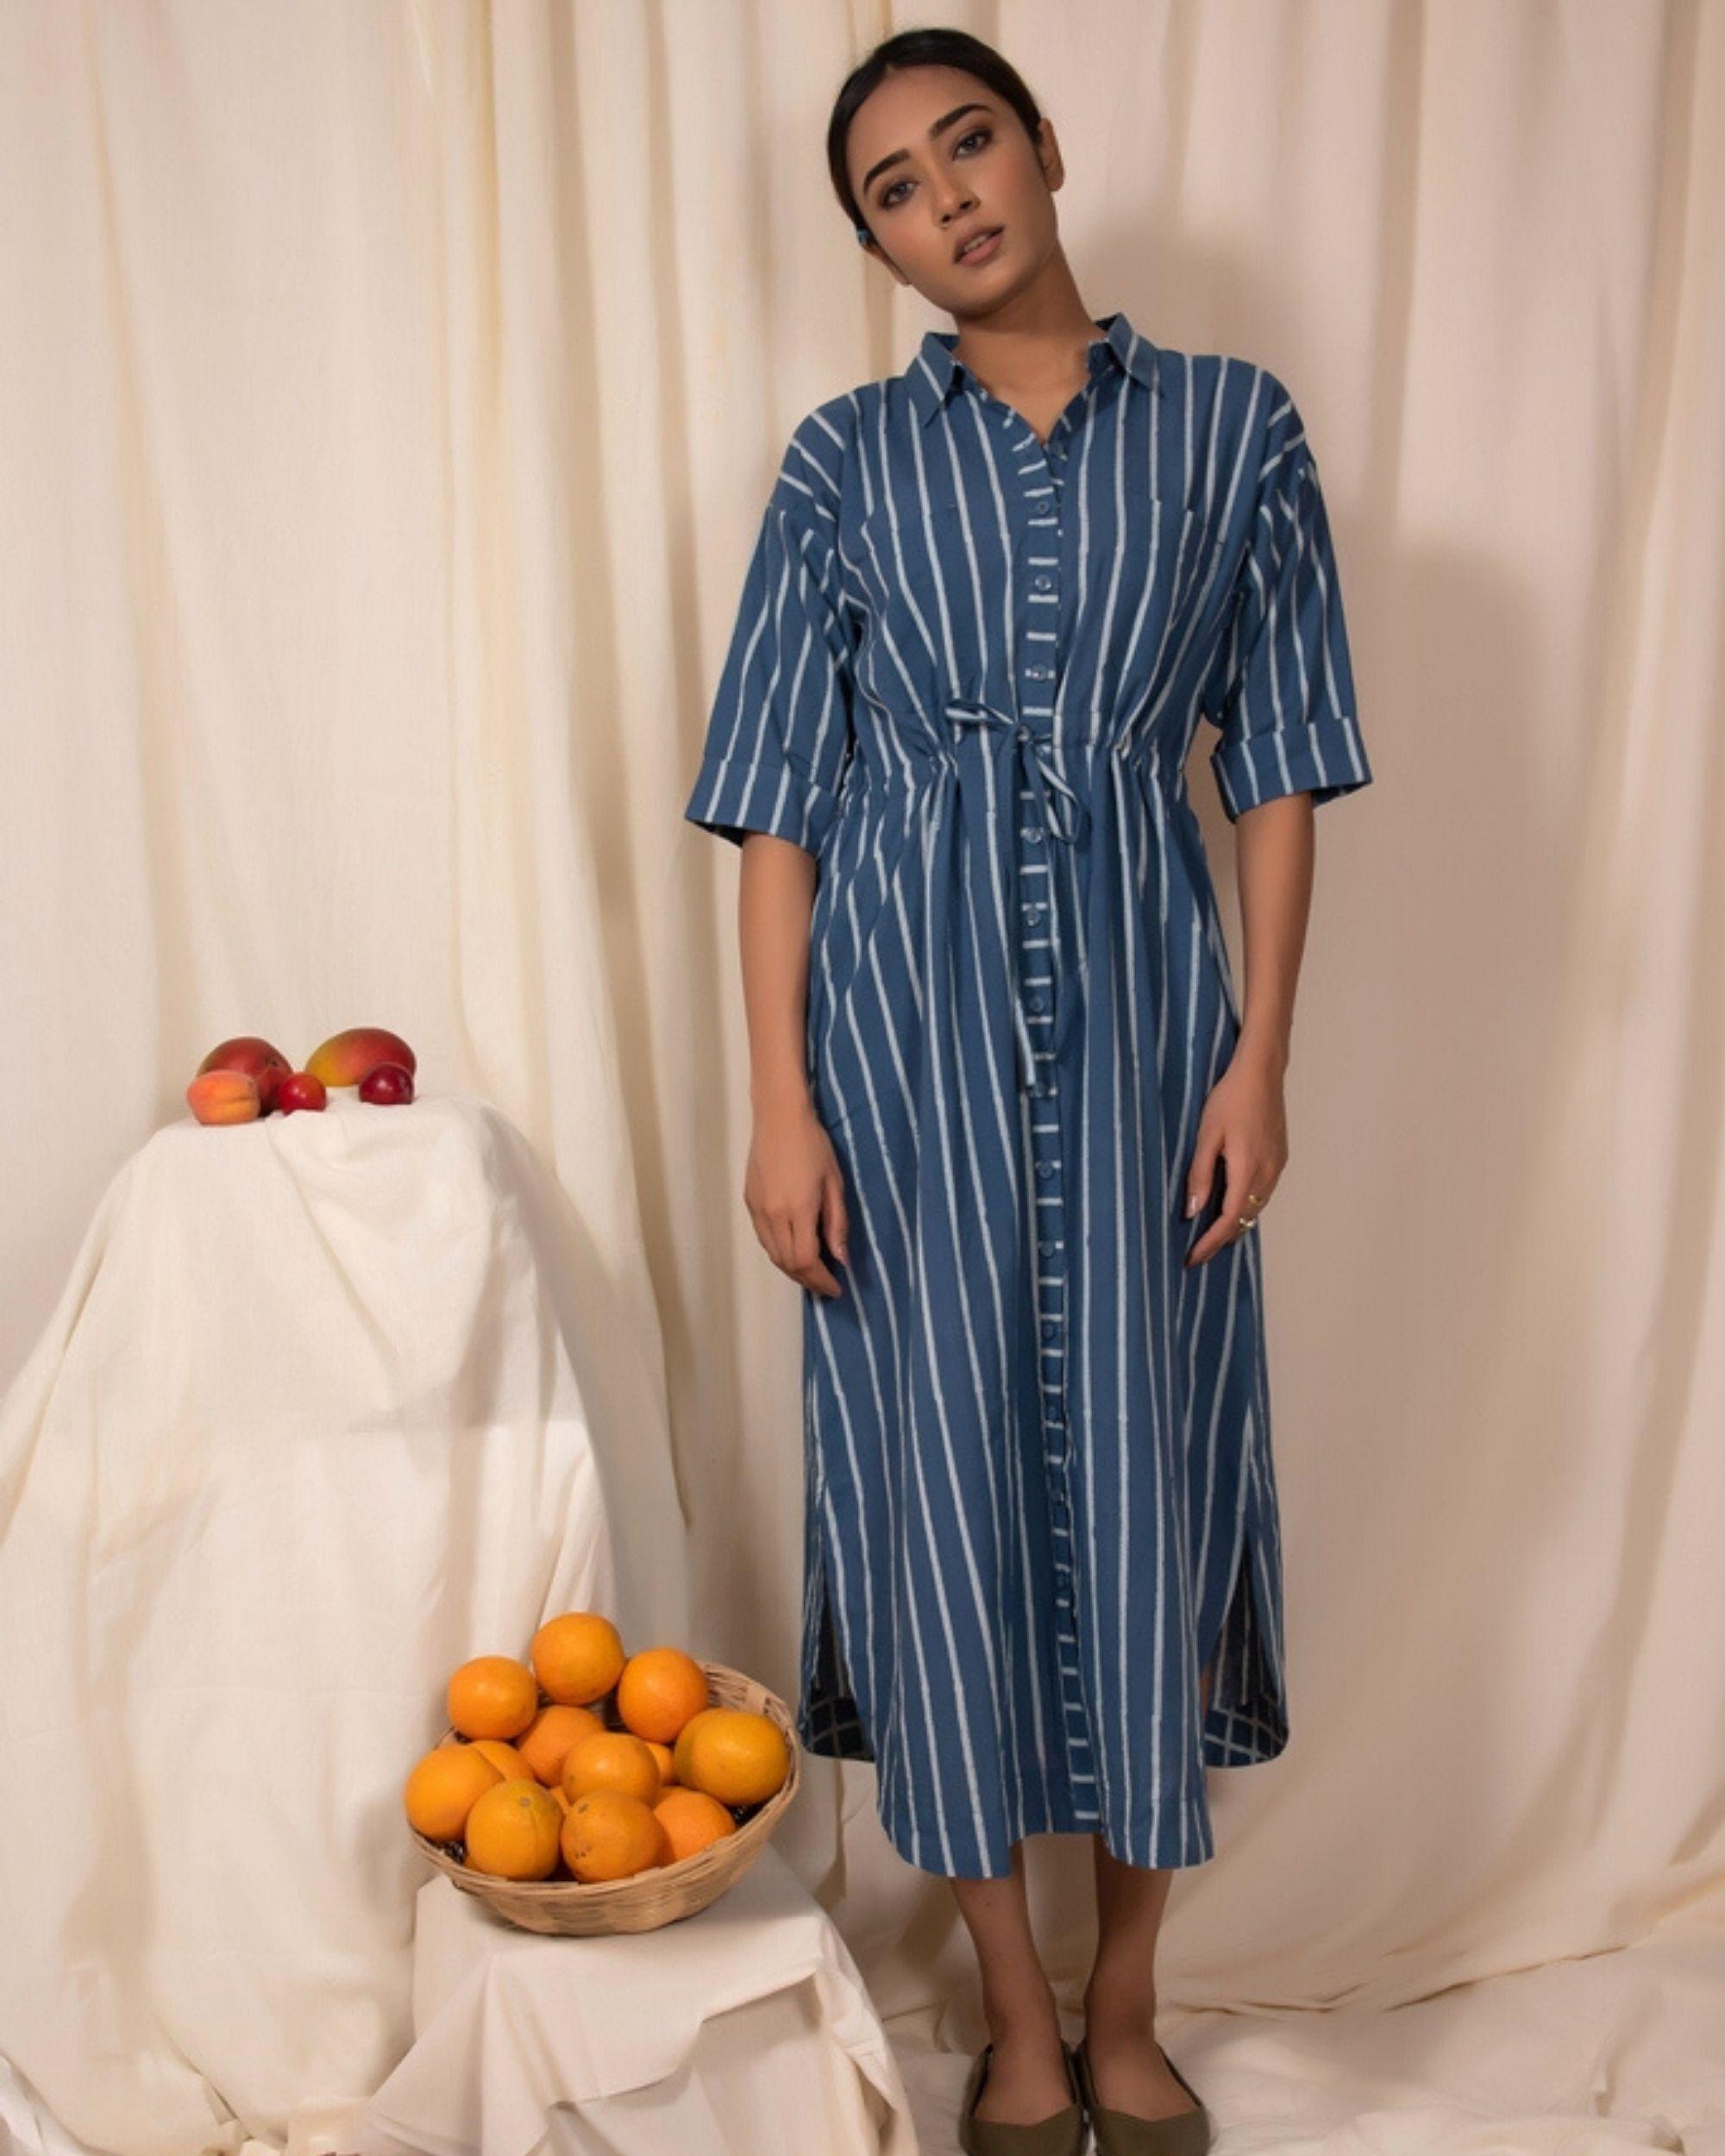 Blue striped shirt dress